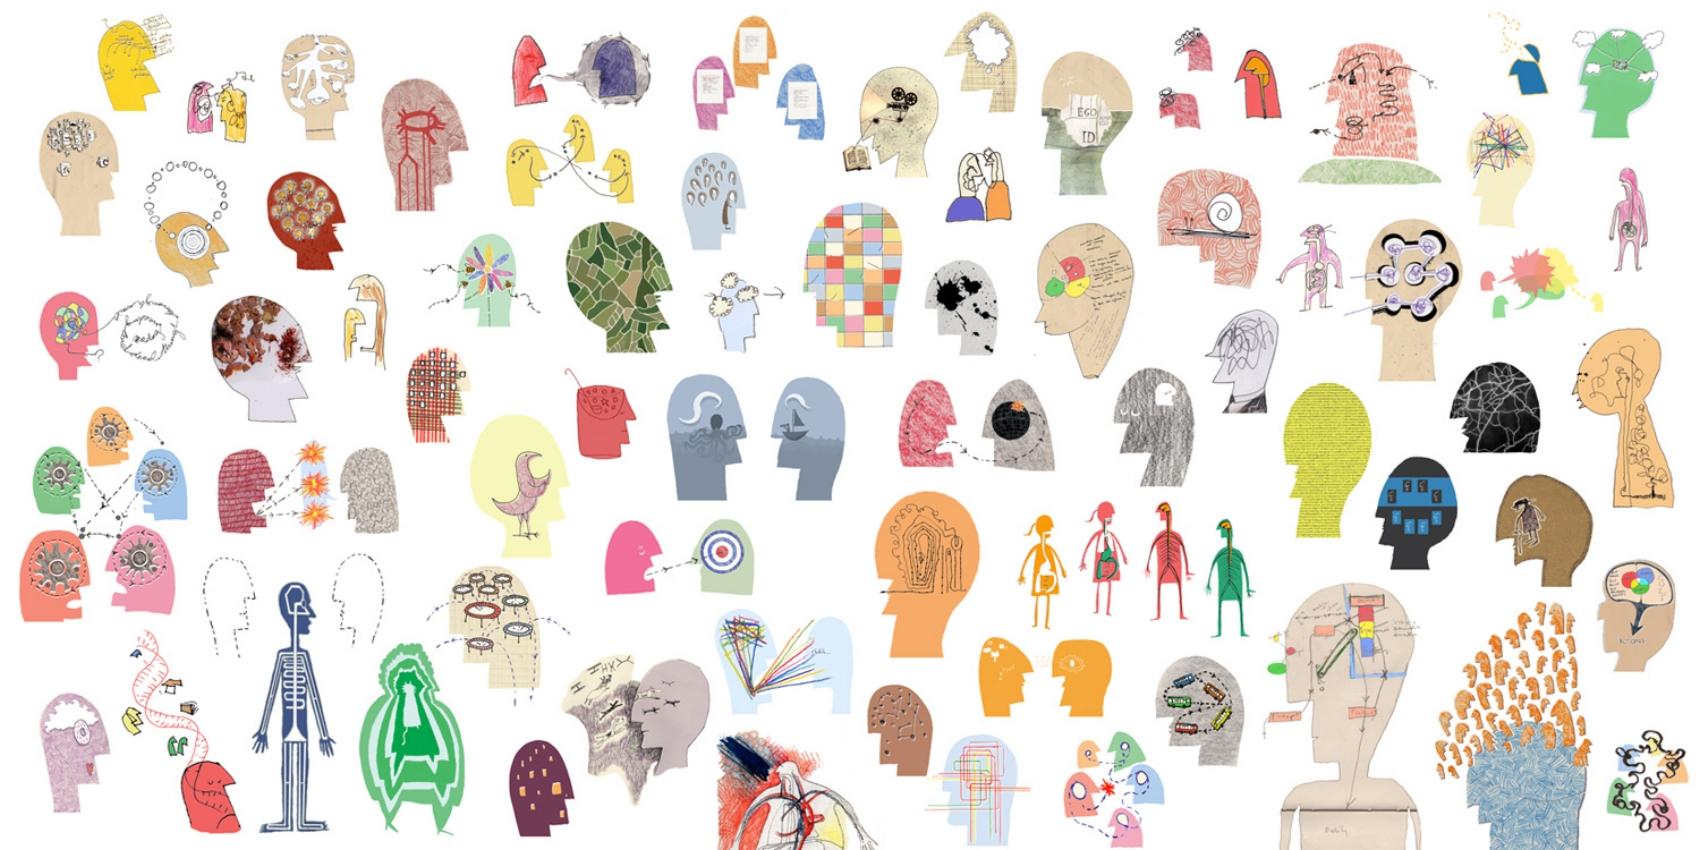 Psychi-artist - Seiciatrydd, arlunydd, ymchwilydd